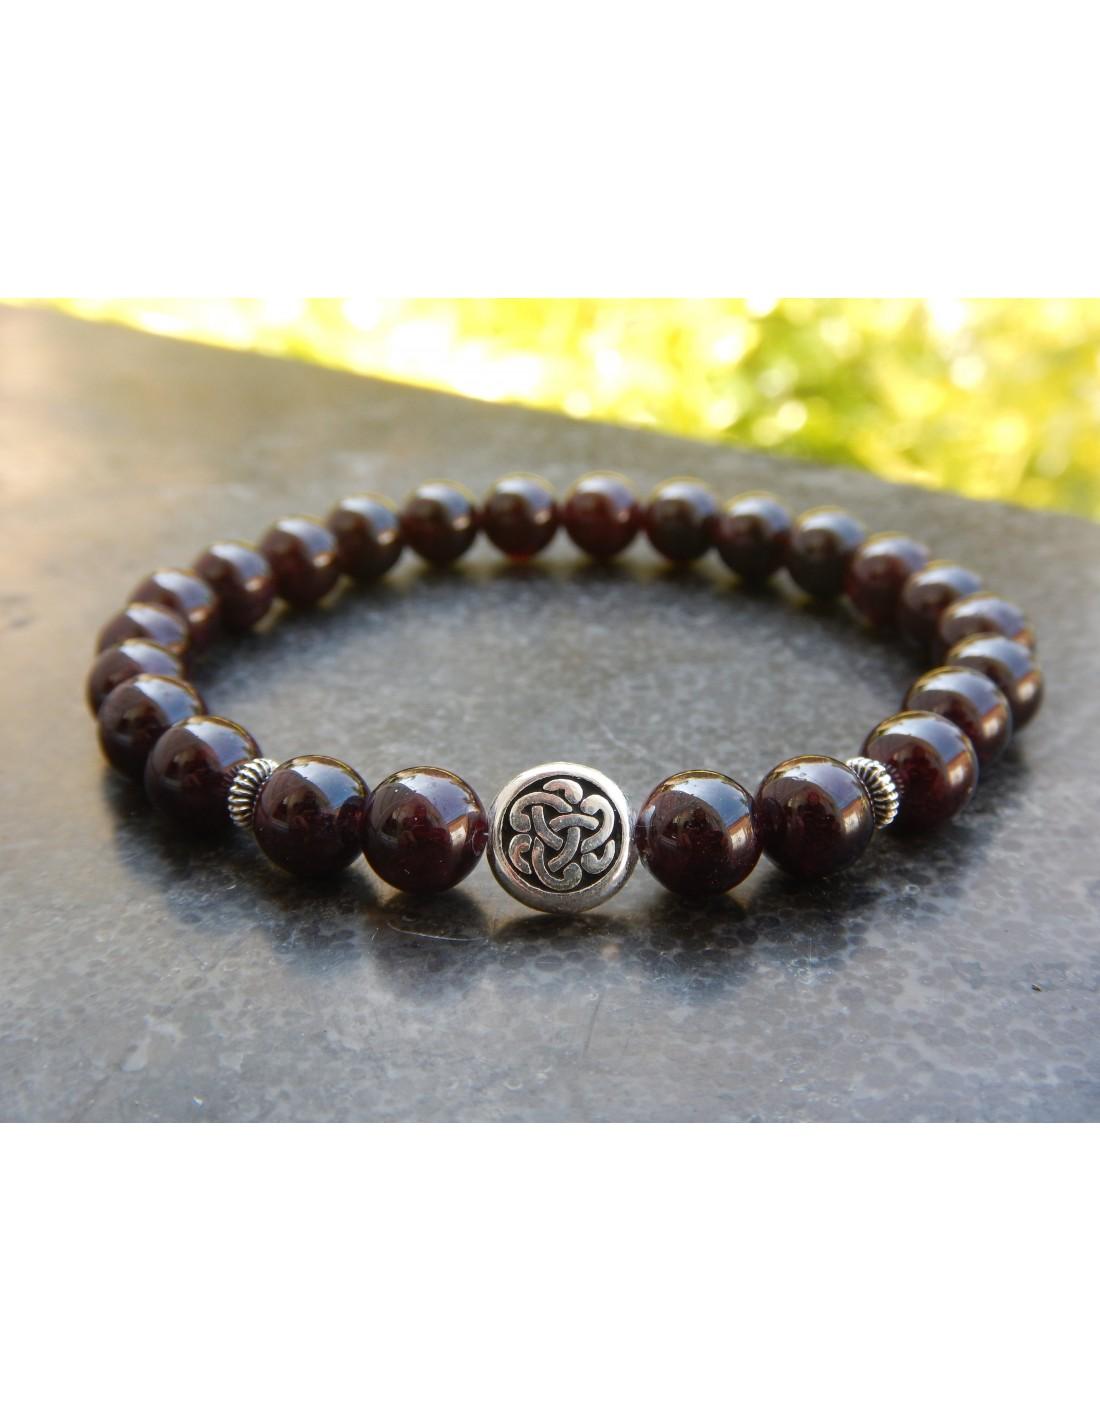 Nouvelle dégagement New York Bracelet homme sur mesure, en pierres naturelles de grenat, perles bordeaux  8 mm, et sa perle nœud celtique, en métal argenté